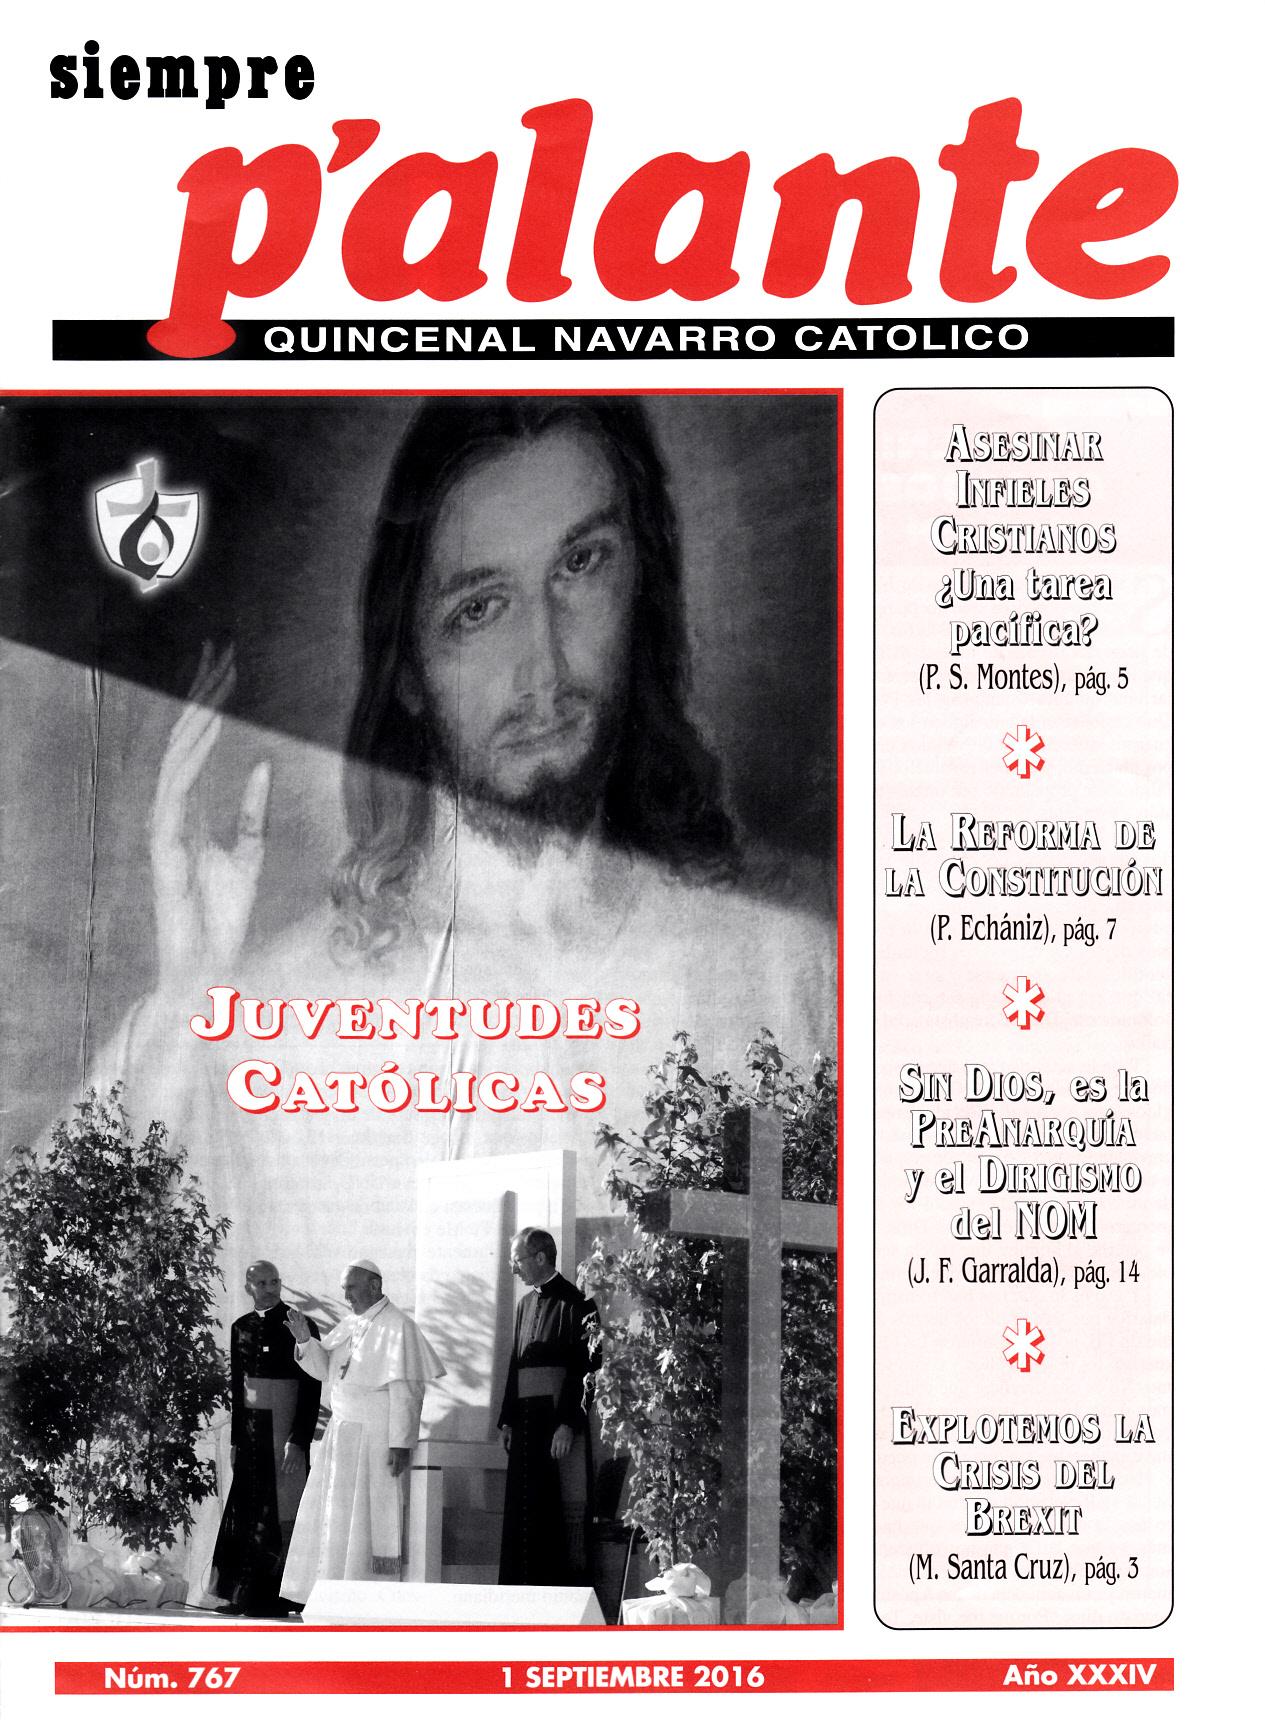 Siempre_Palante_767